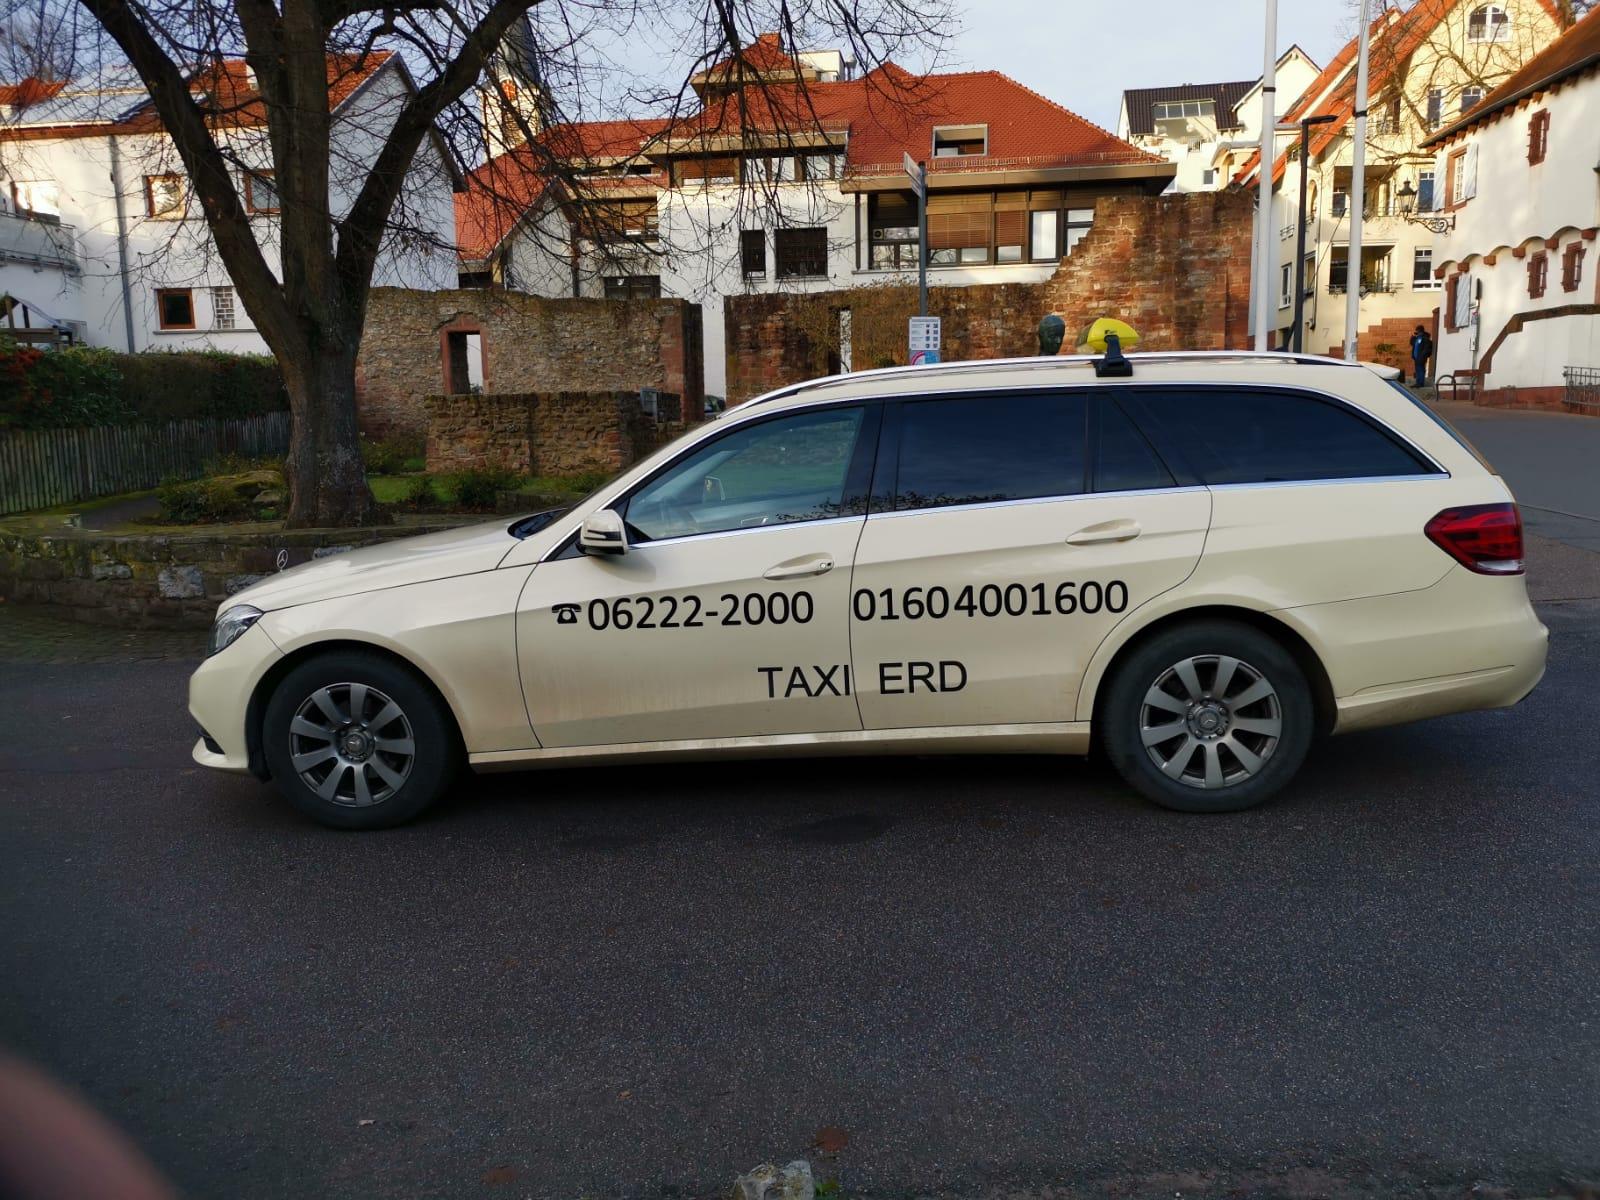 Taxi-Erd in Wiesloch